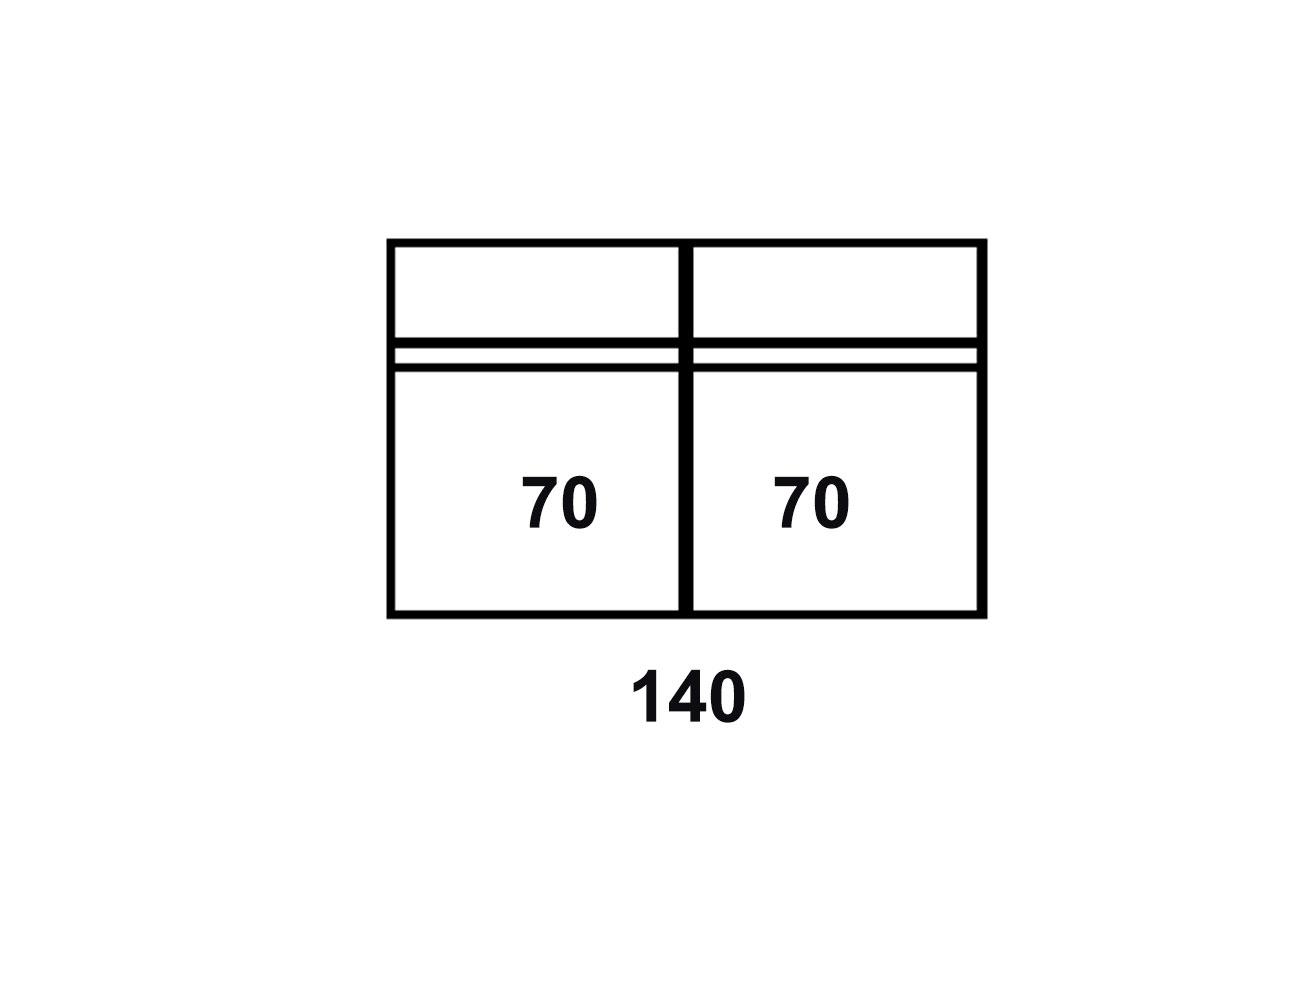 Modulo 2p 14010